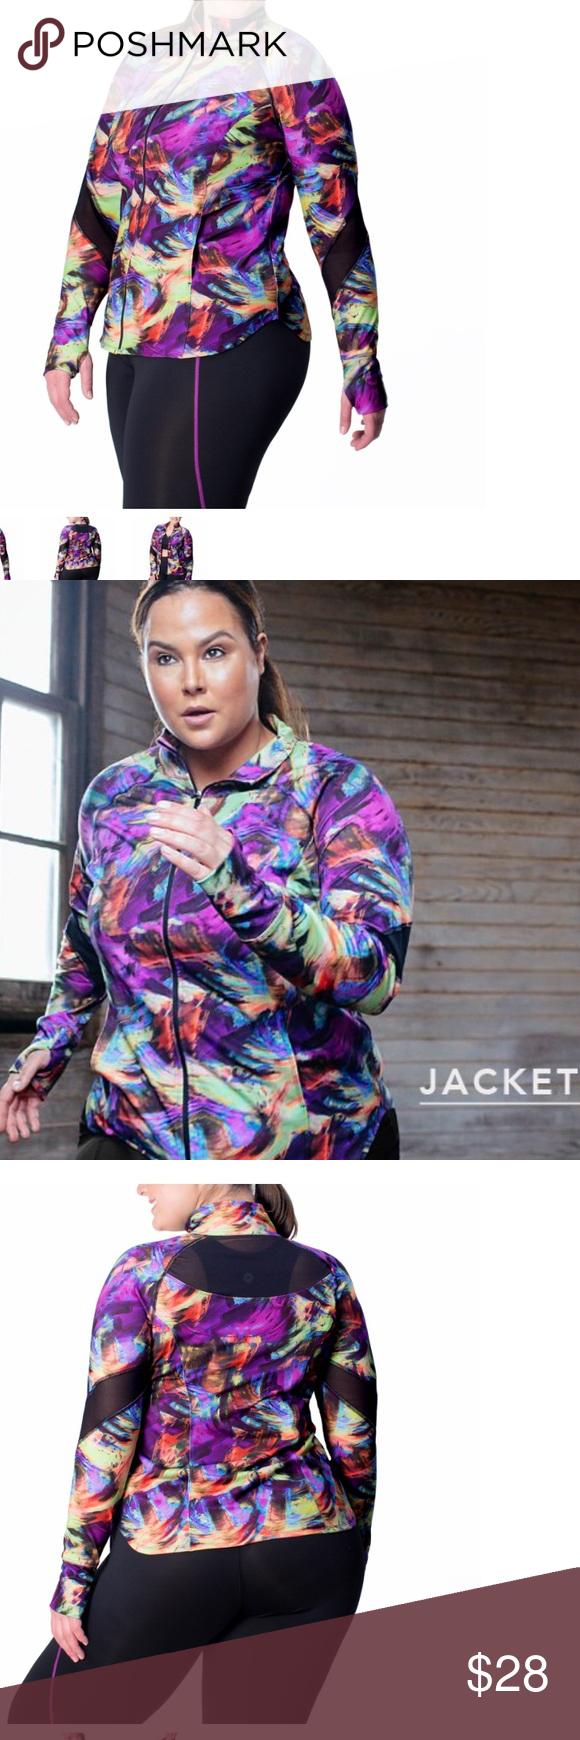 Euc plus size athletic jacket Plus size, Athletic jacket